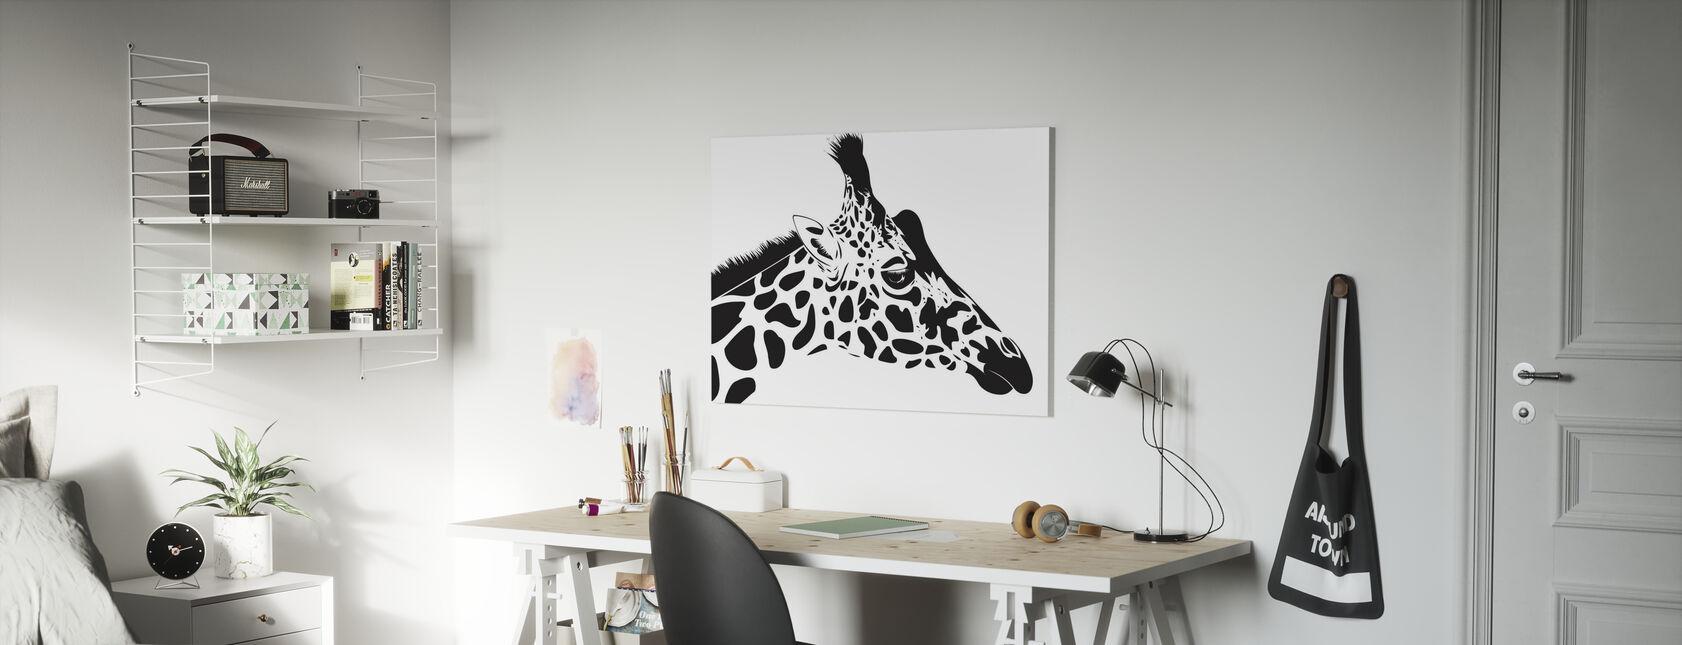 Girafe - Impression sur toile - Chambre des enfants